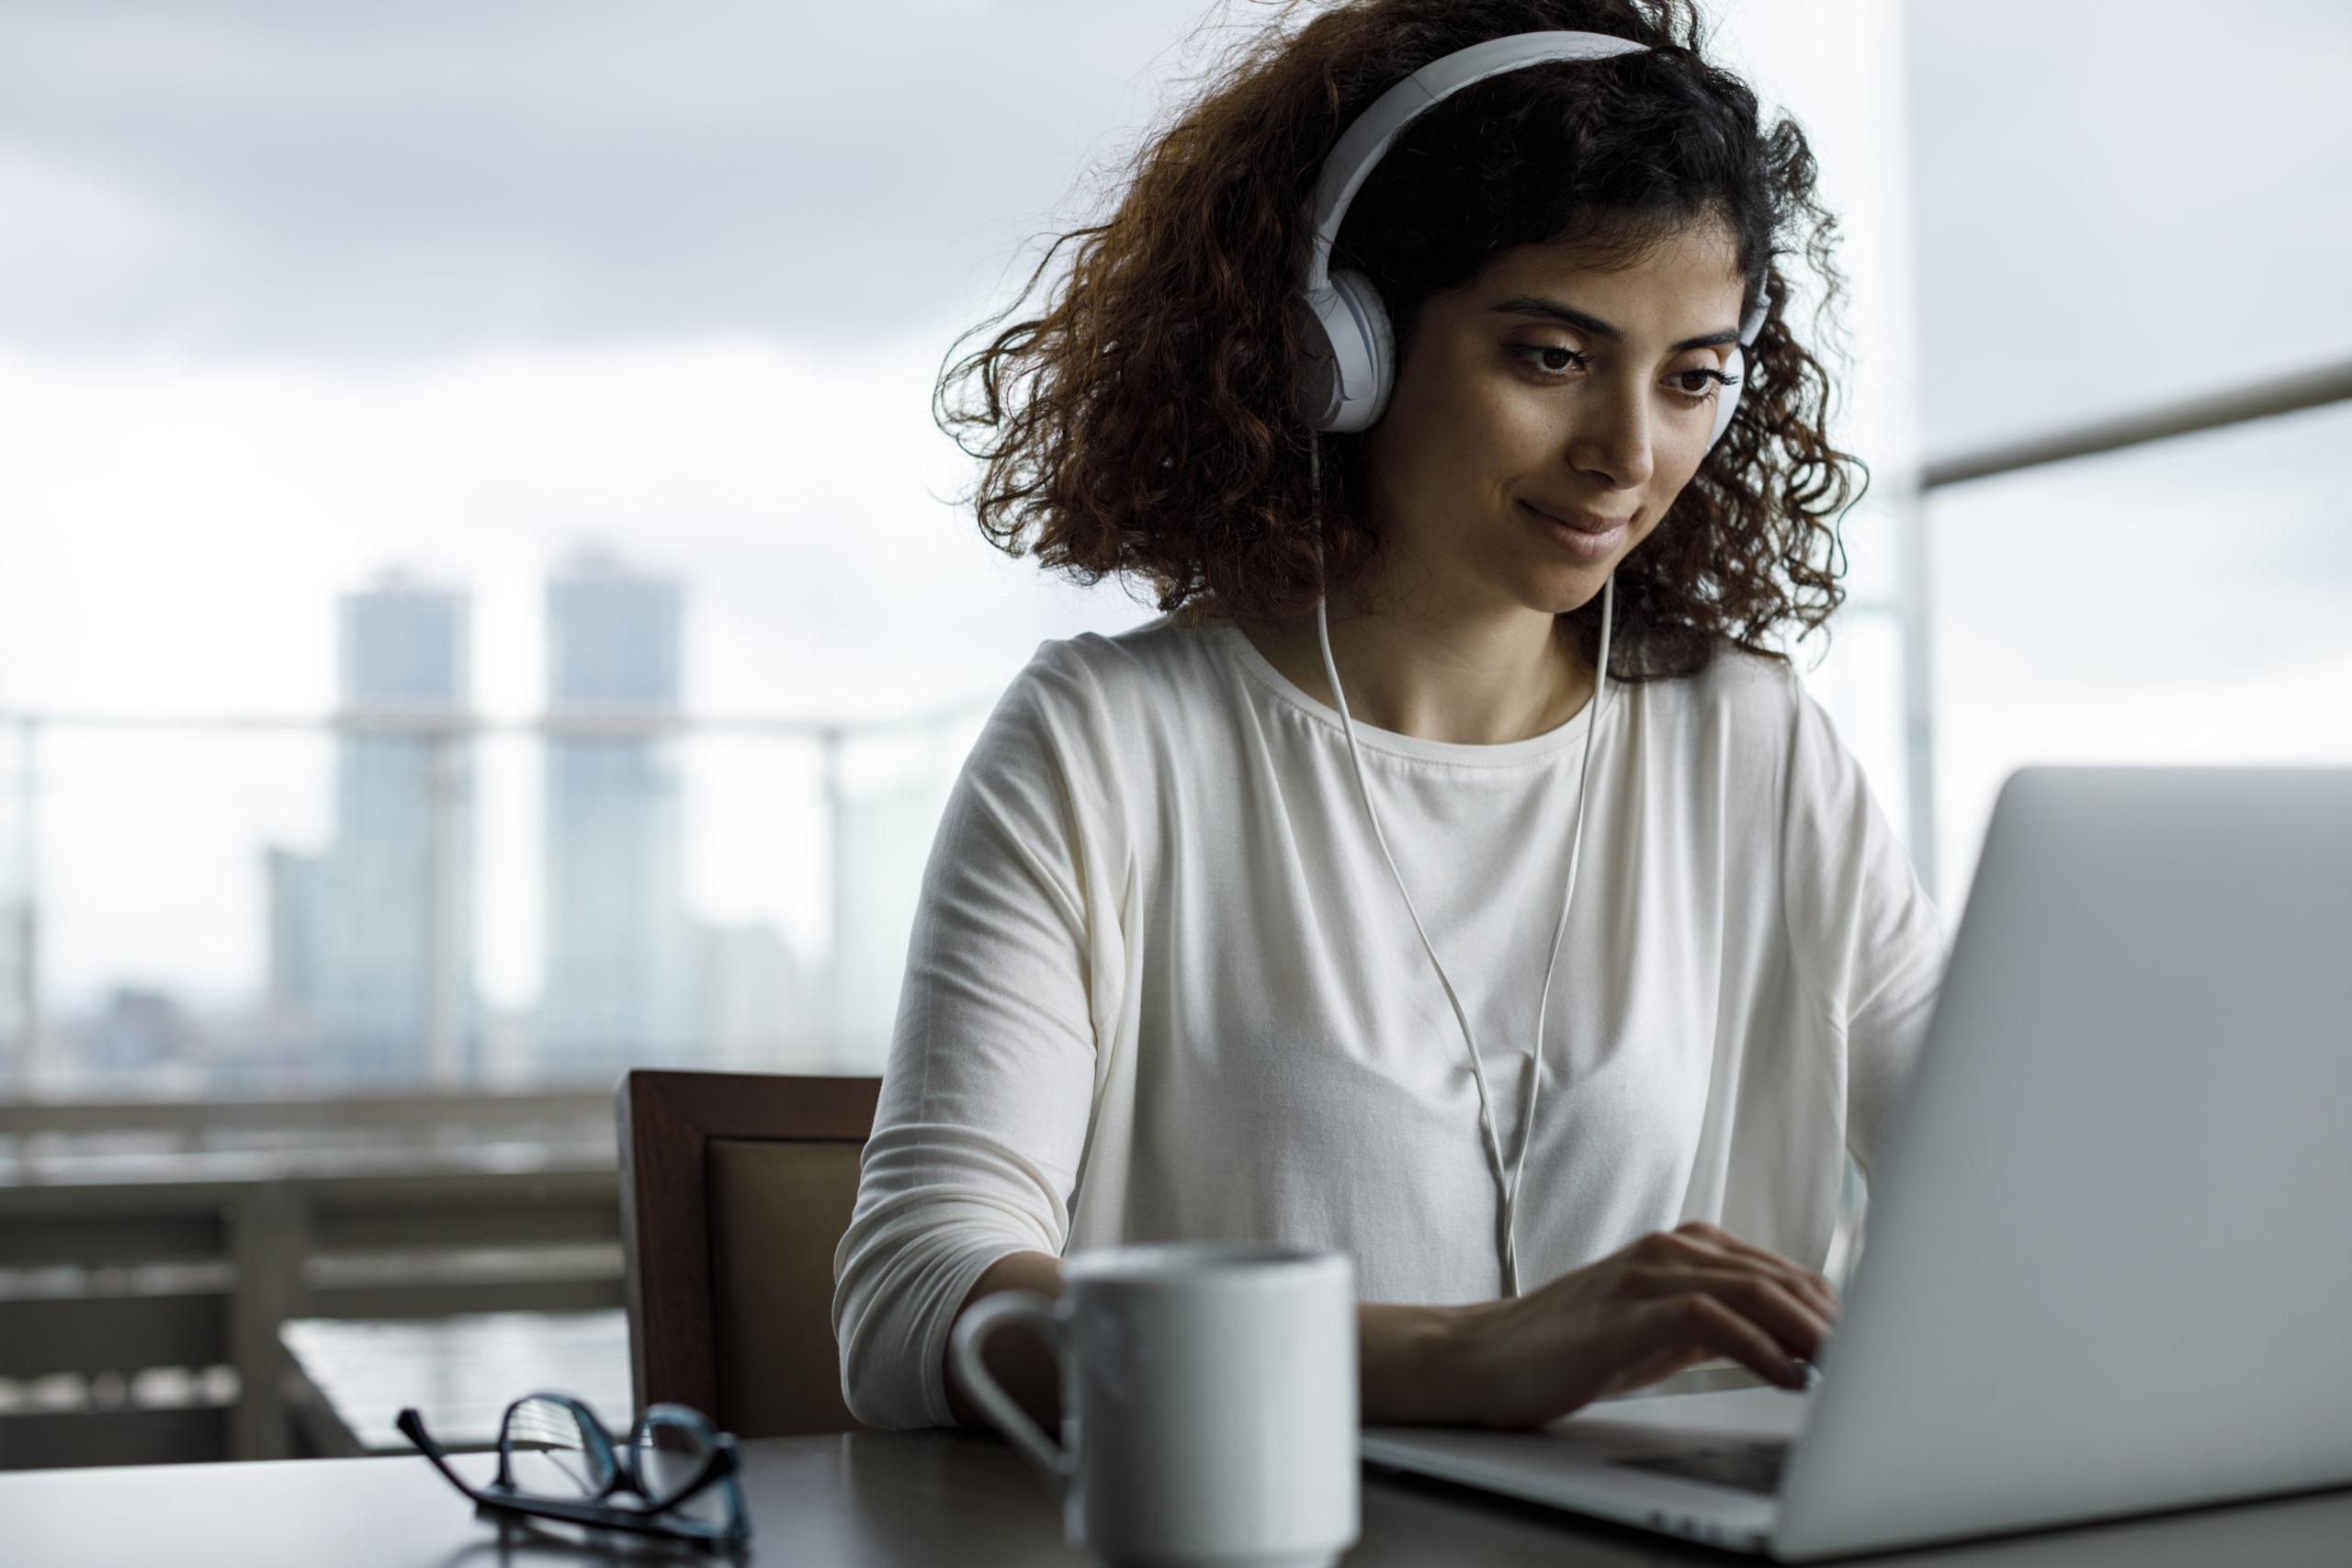 Ab Adobe Connect 11.2: Audio-Verbesserungen